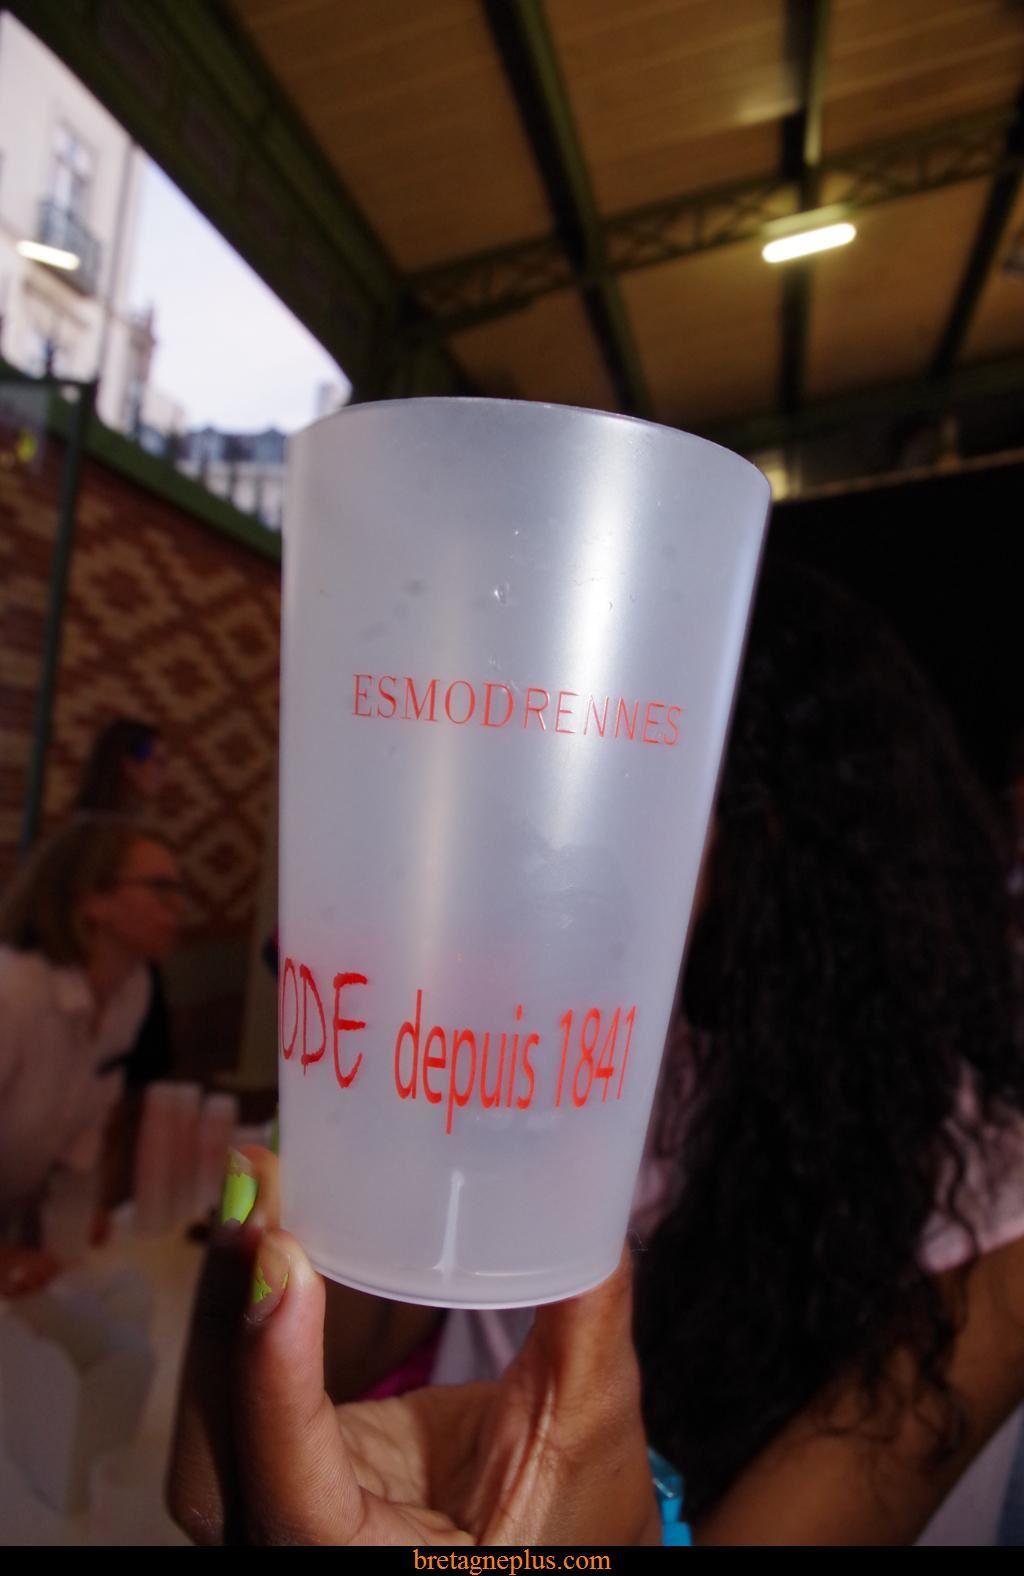 Défilé ESMOD RENNES 2014